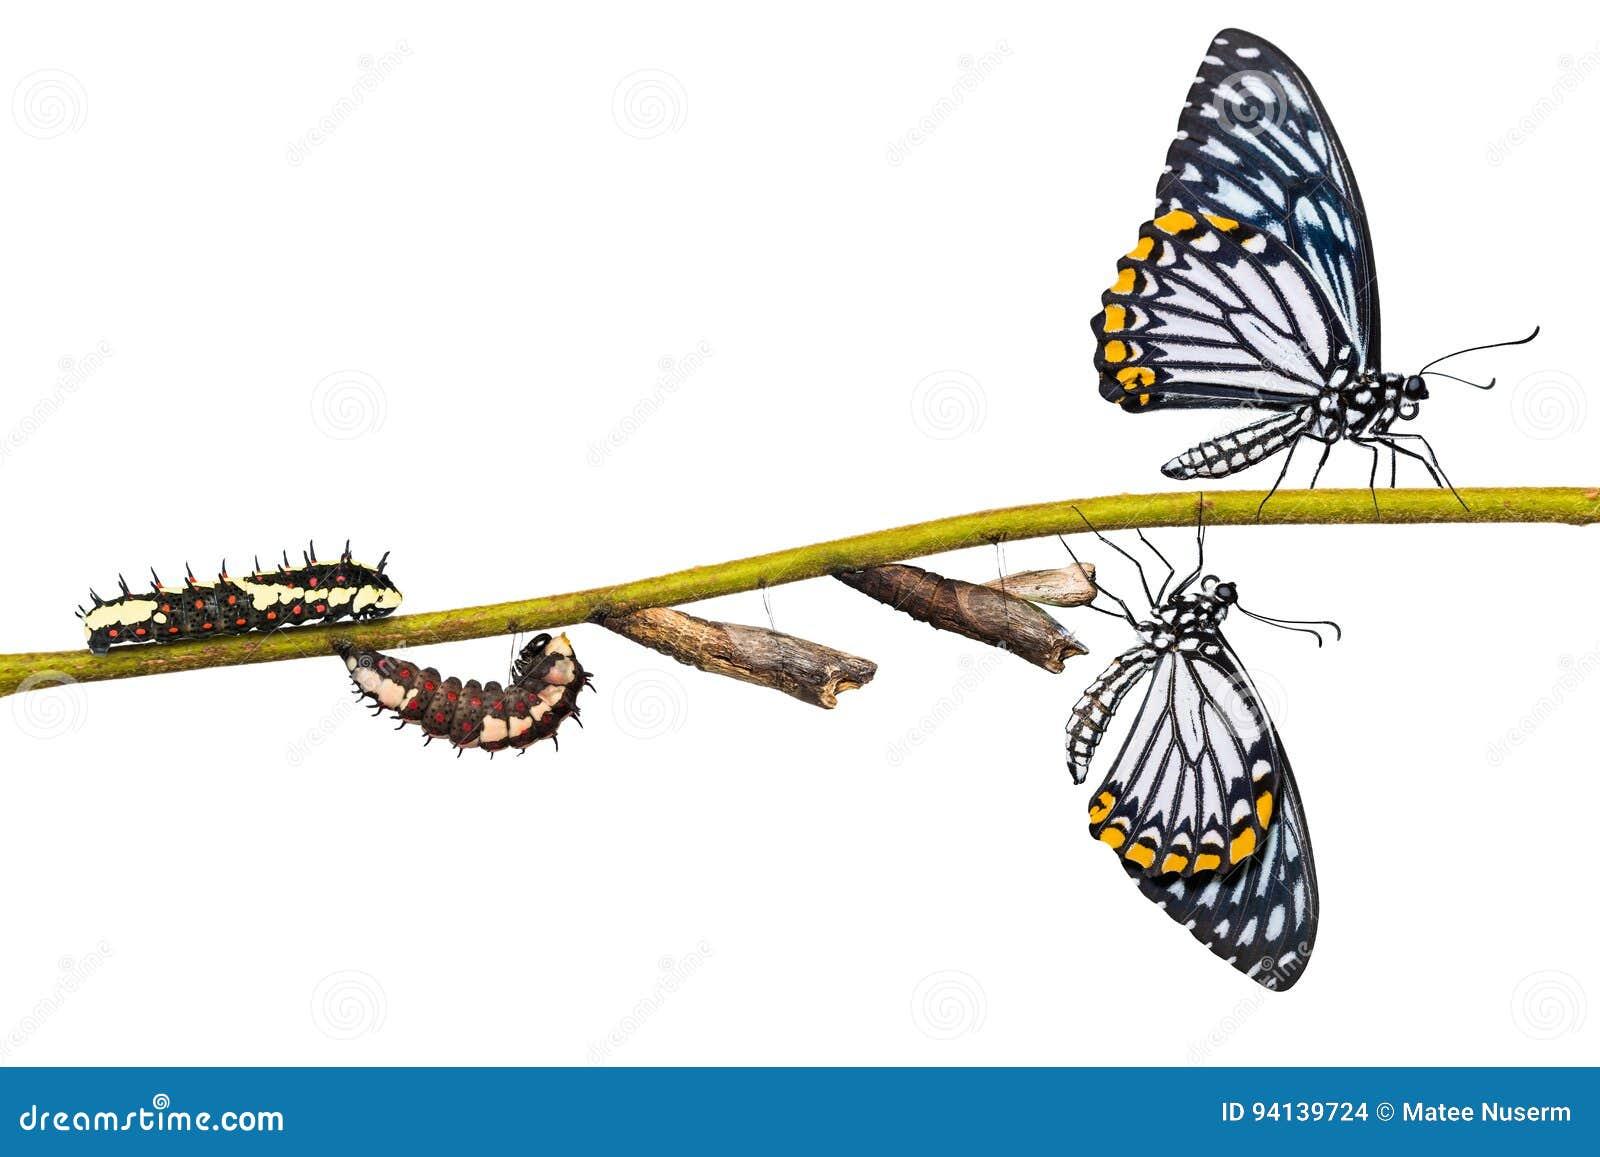 Allgemeiner Pantomime-Papilio-clytia Schmetterlings-Lebenszyklus